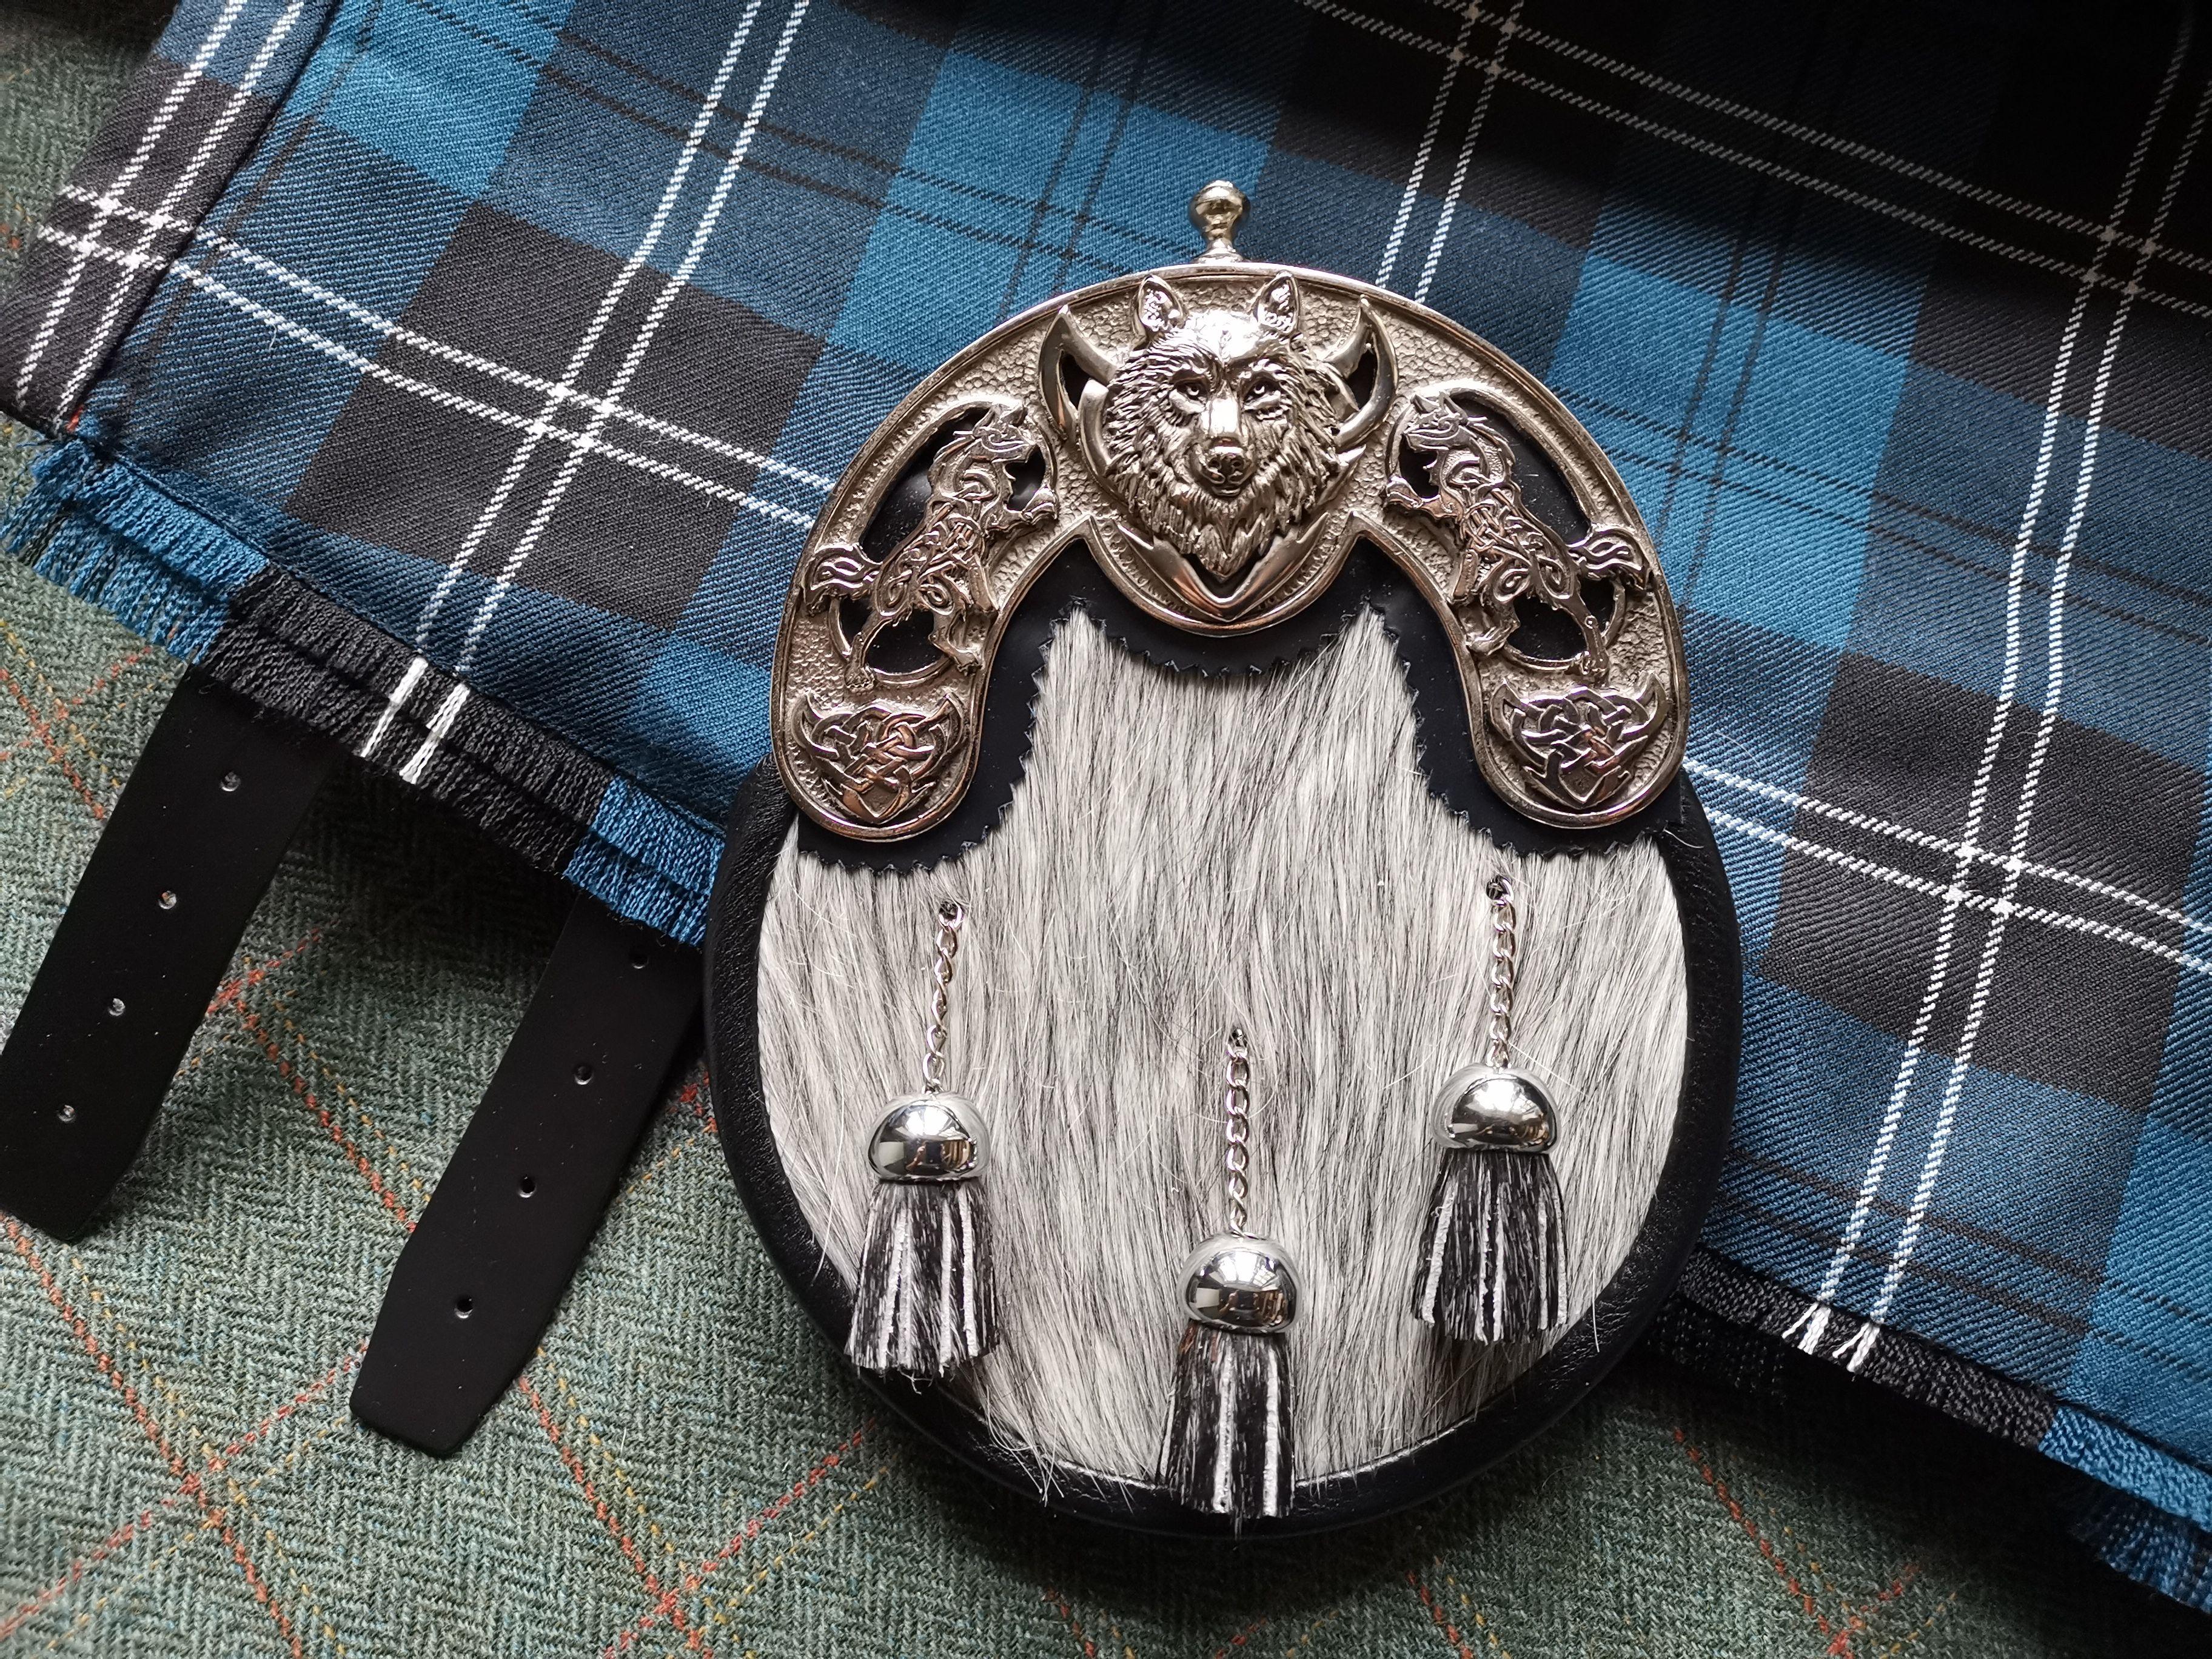 Gürtelschnalle Buckle Schottland Kilt keltisch NEU